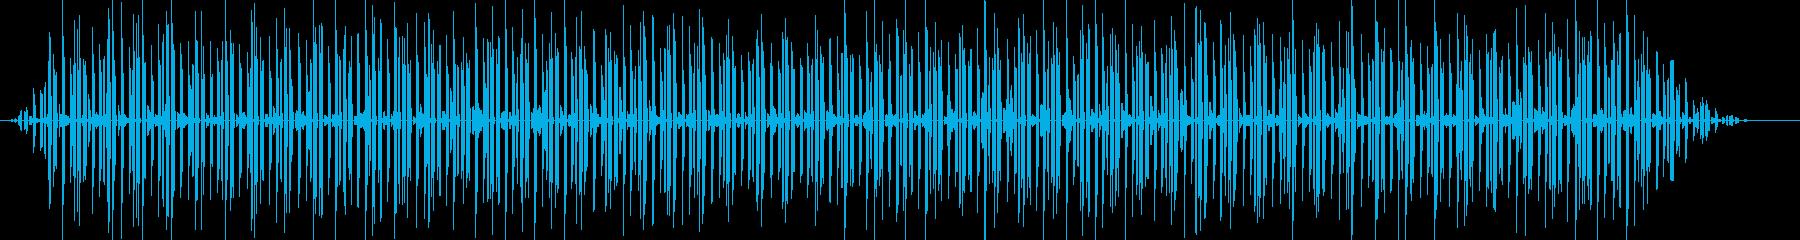 奇妙なドラマのワンシーンBGMの再生済みの波形